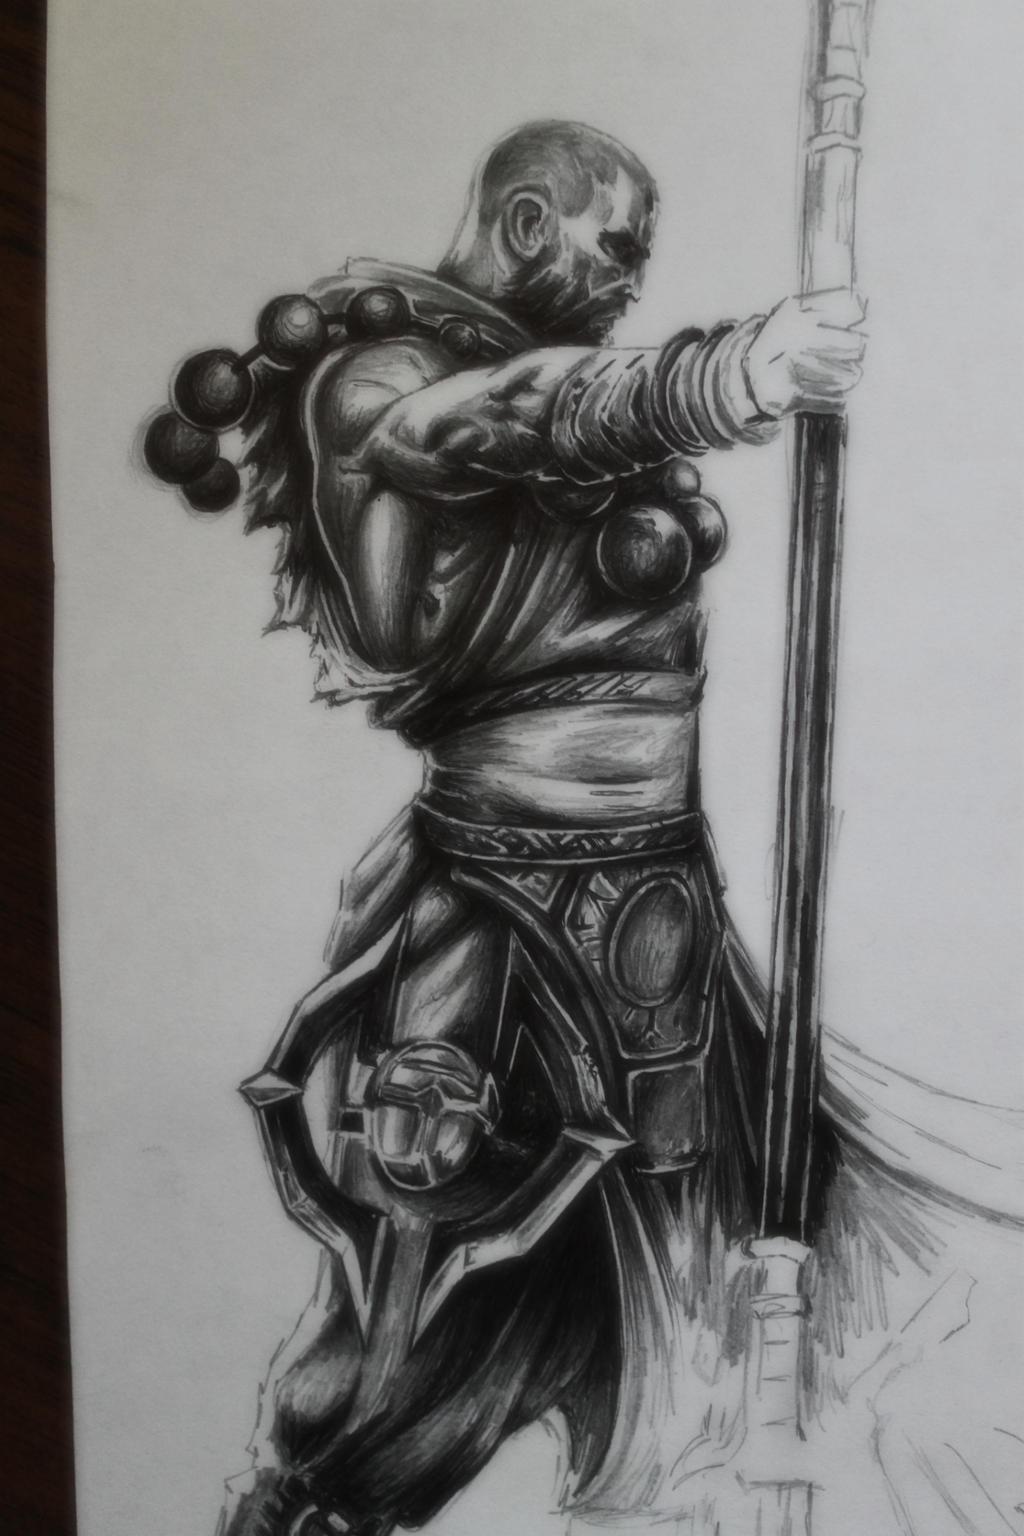 diablo 3 monk drawing by tolleam on deviantart